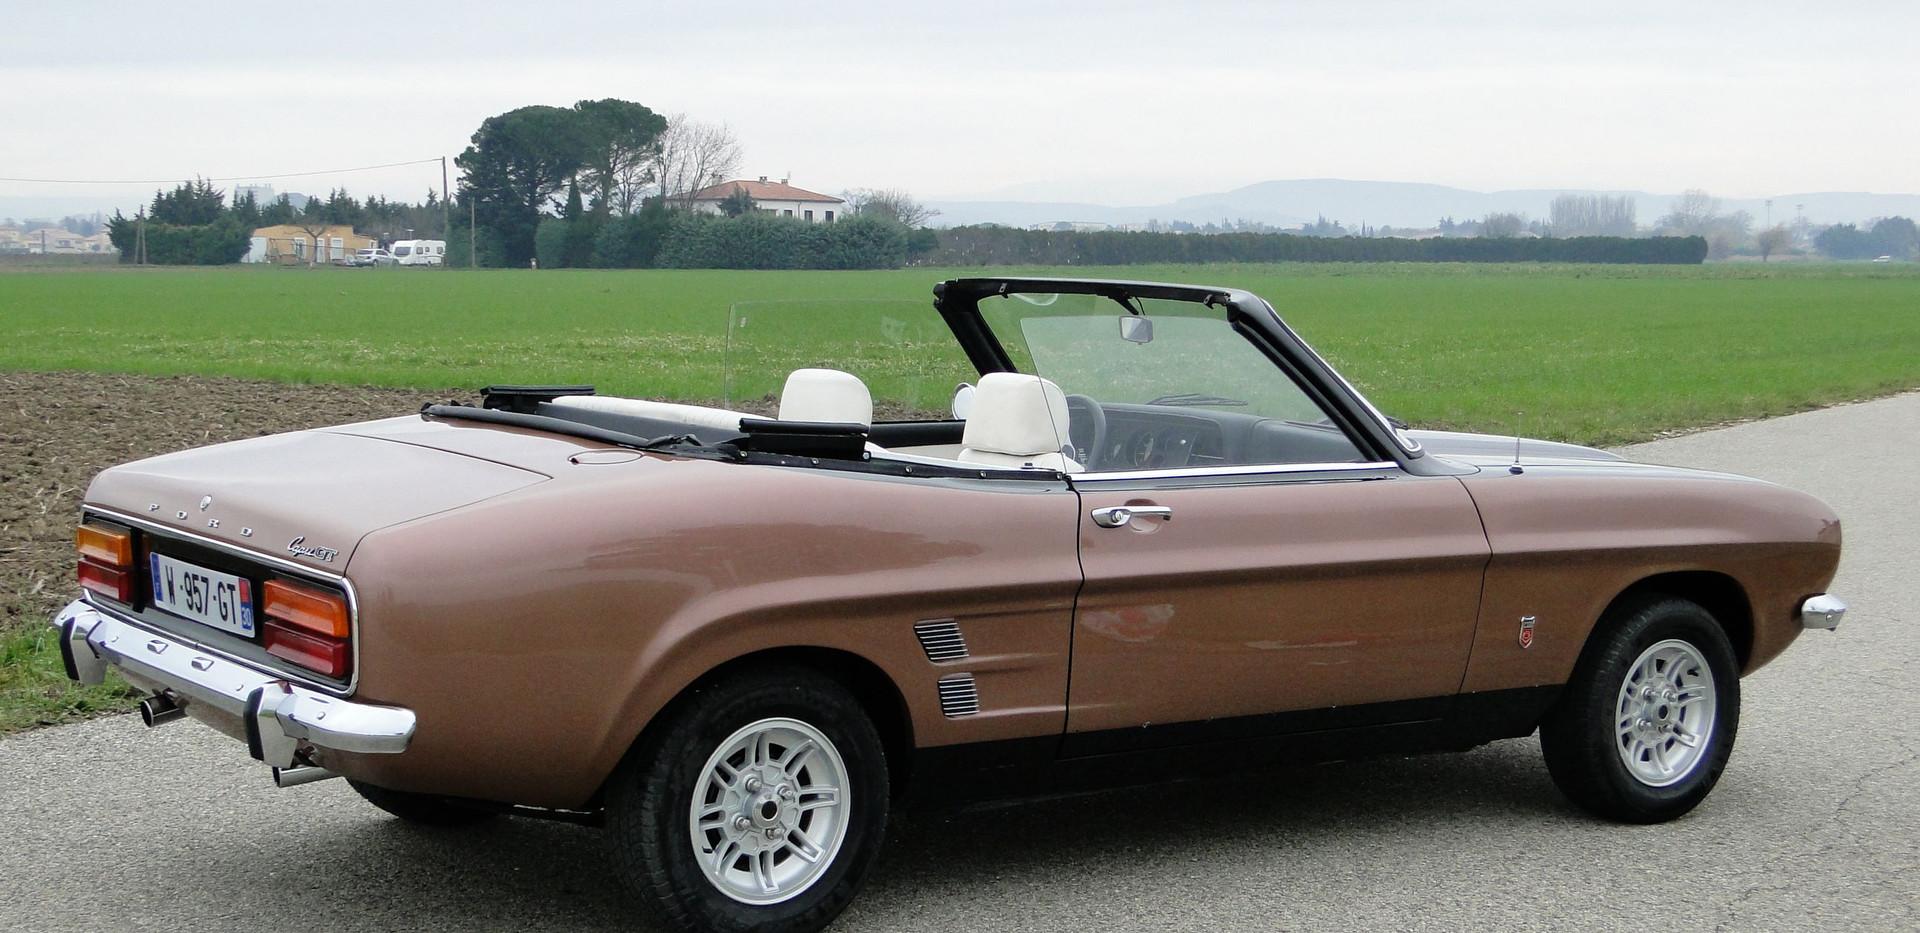 FORD Capri cabriolet